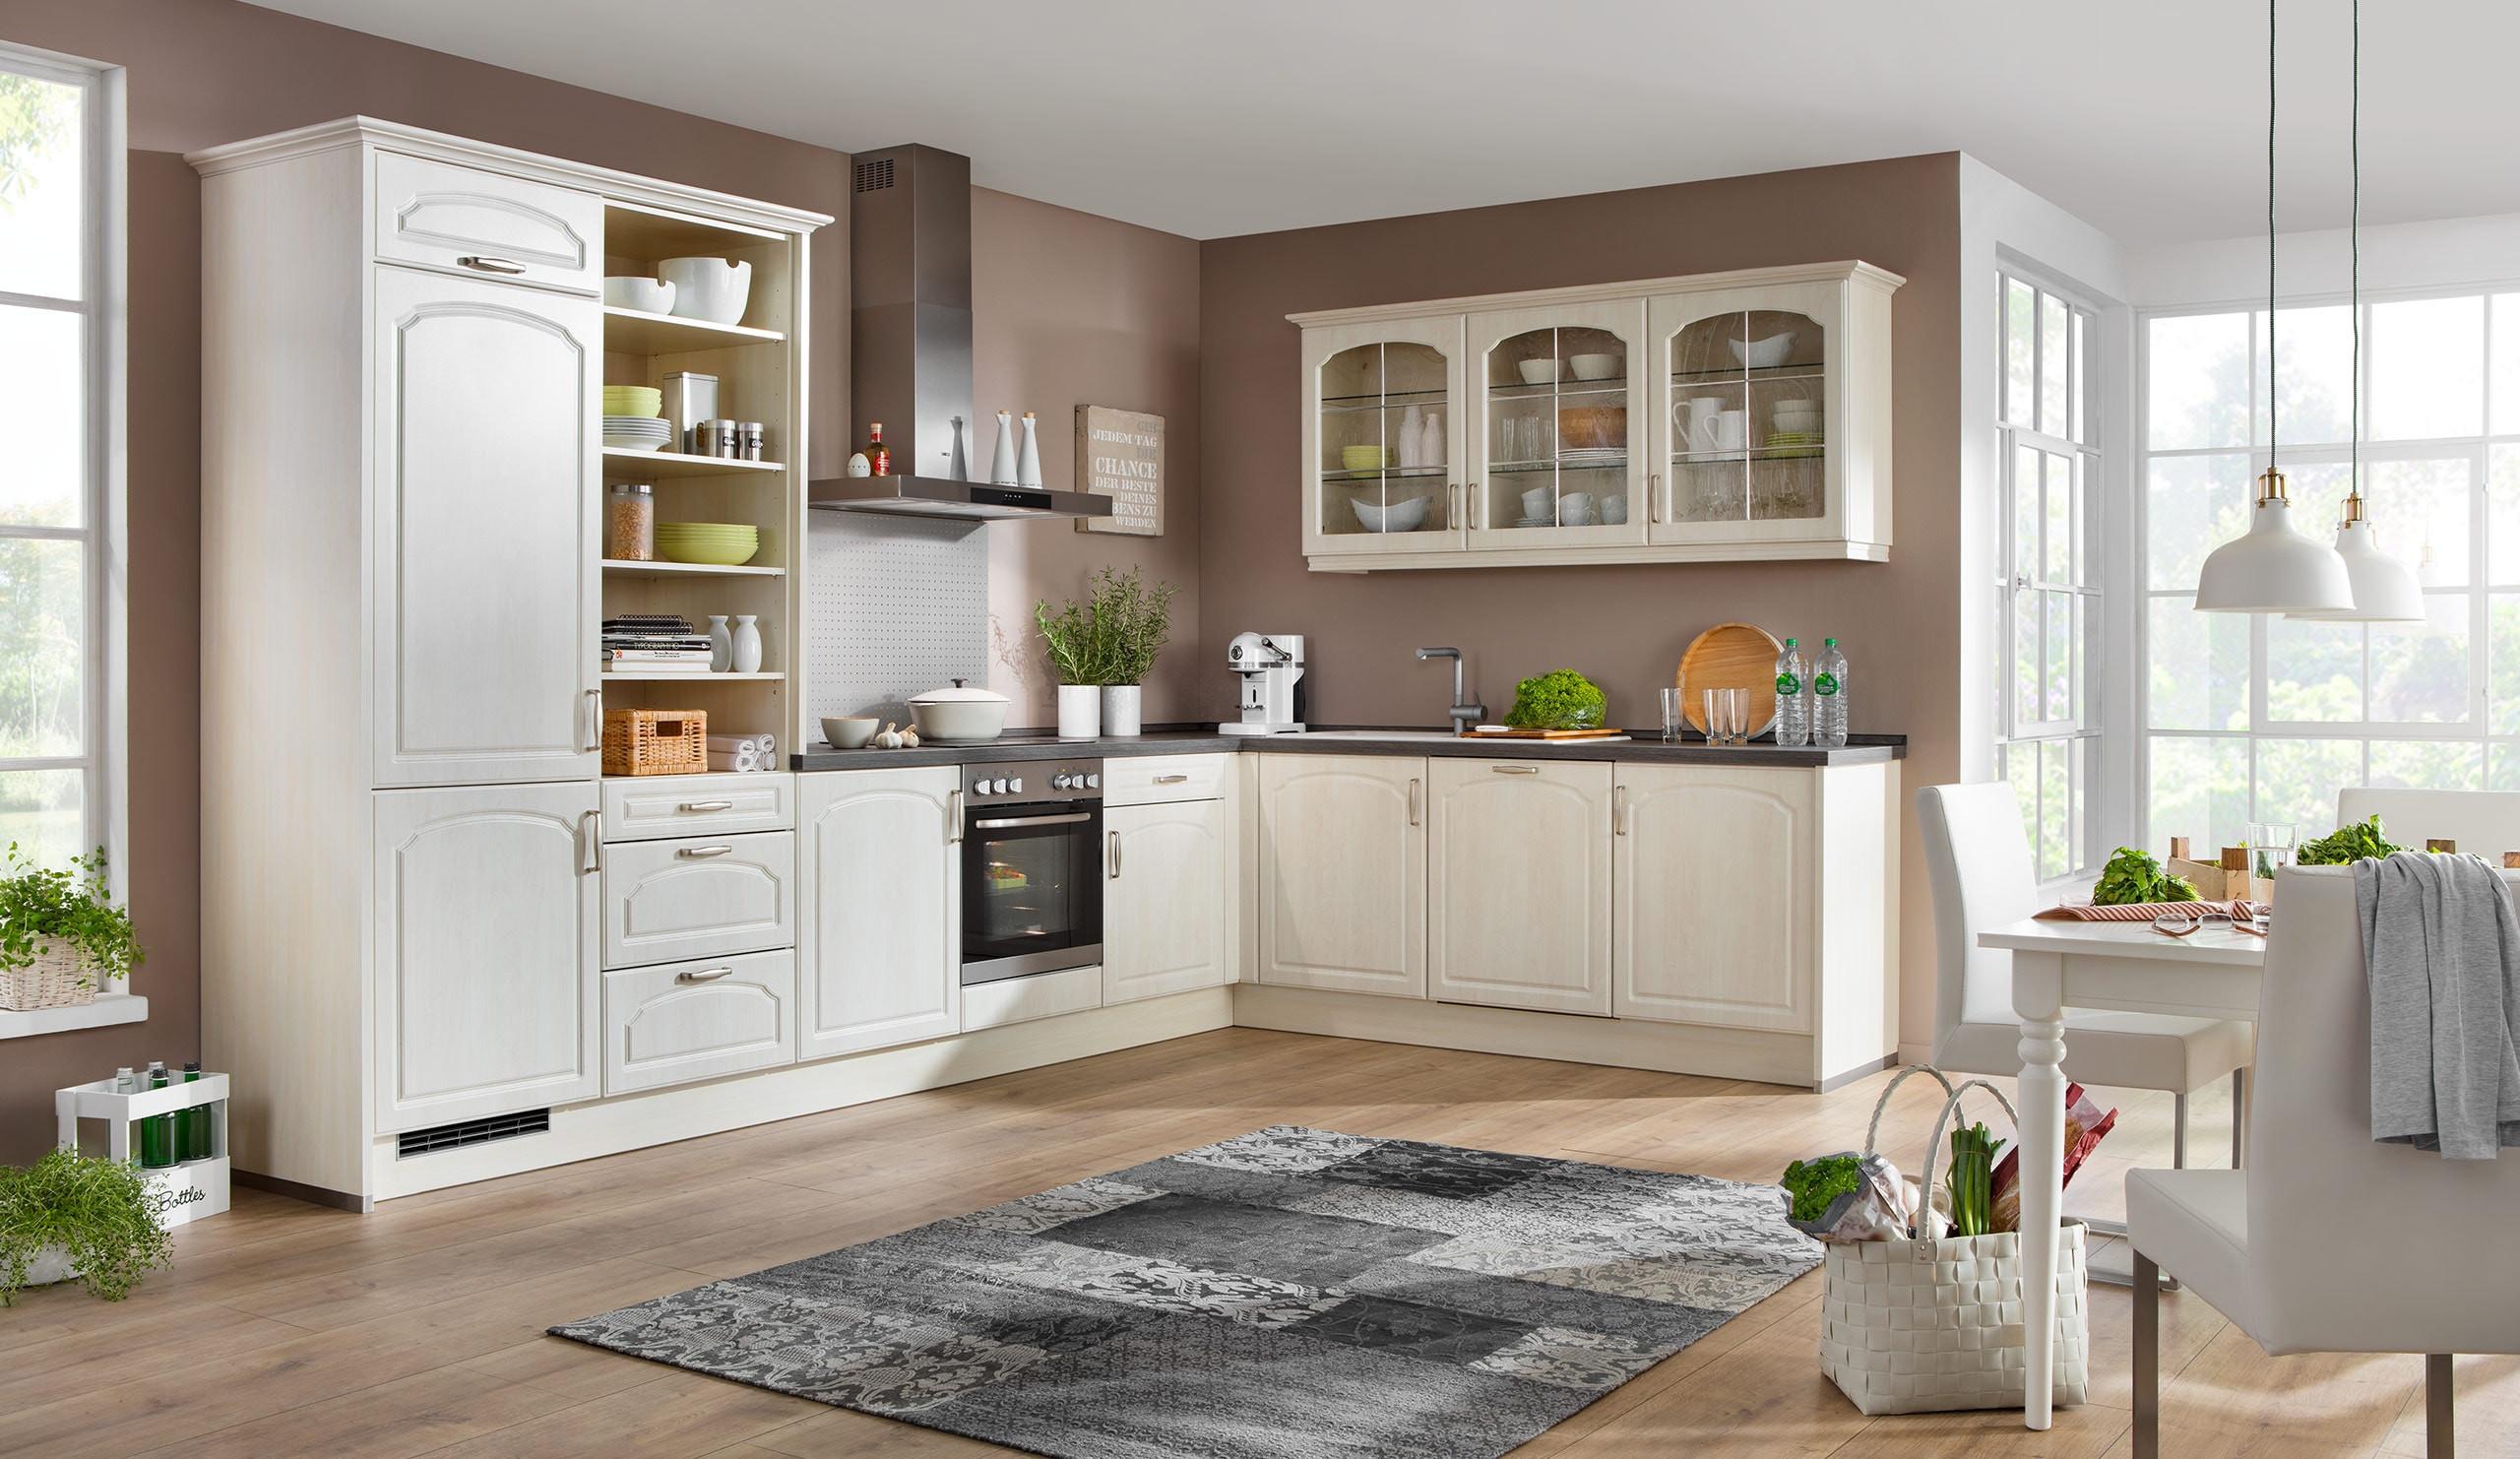 Küche Quelle  Landhaus Einbauküche Leriella Linde Stichbogen Küchen Quelle